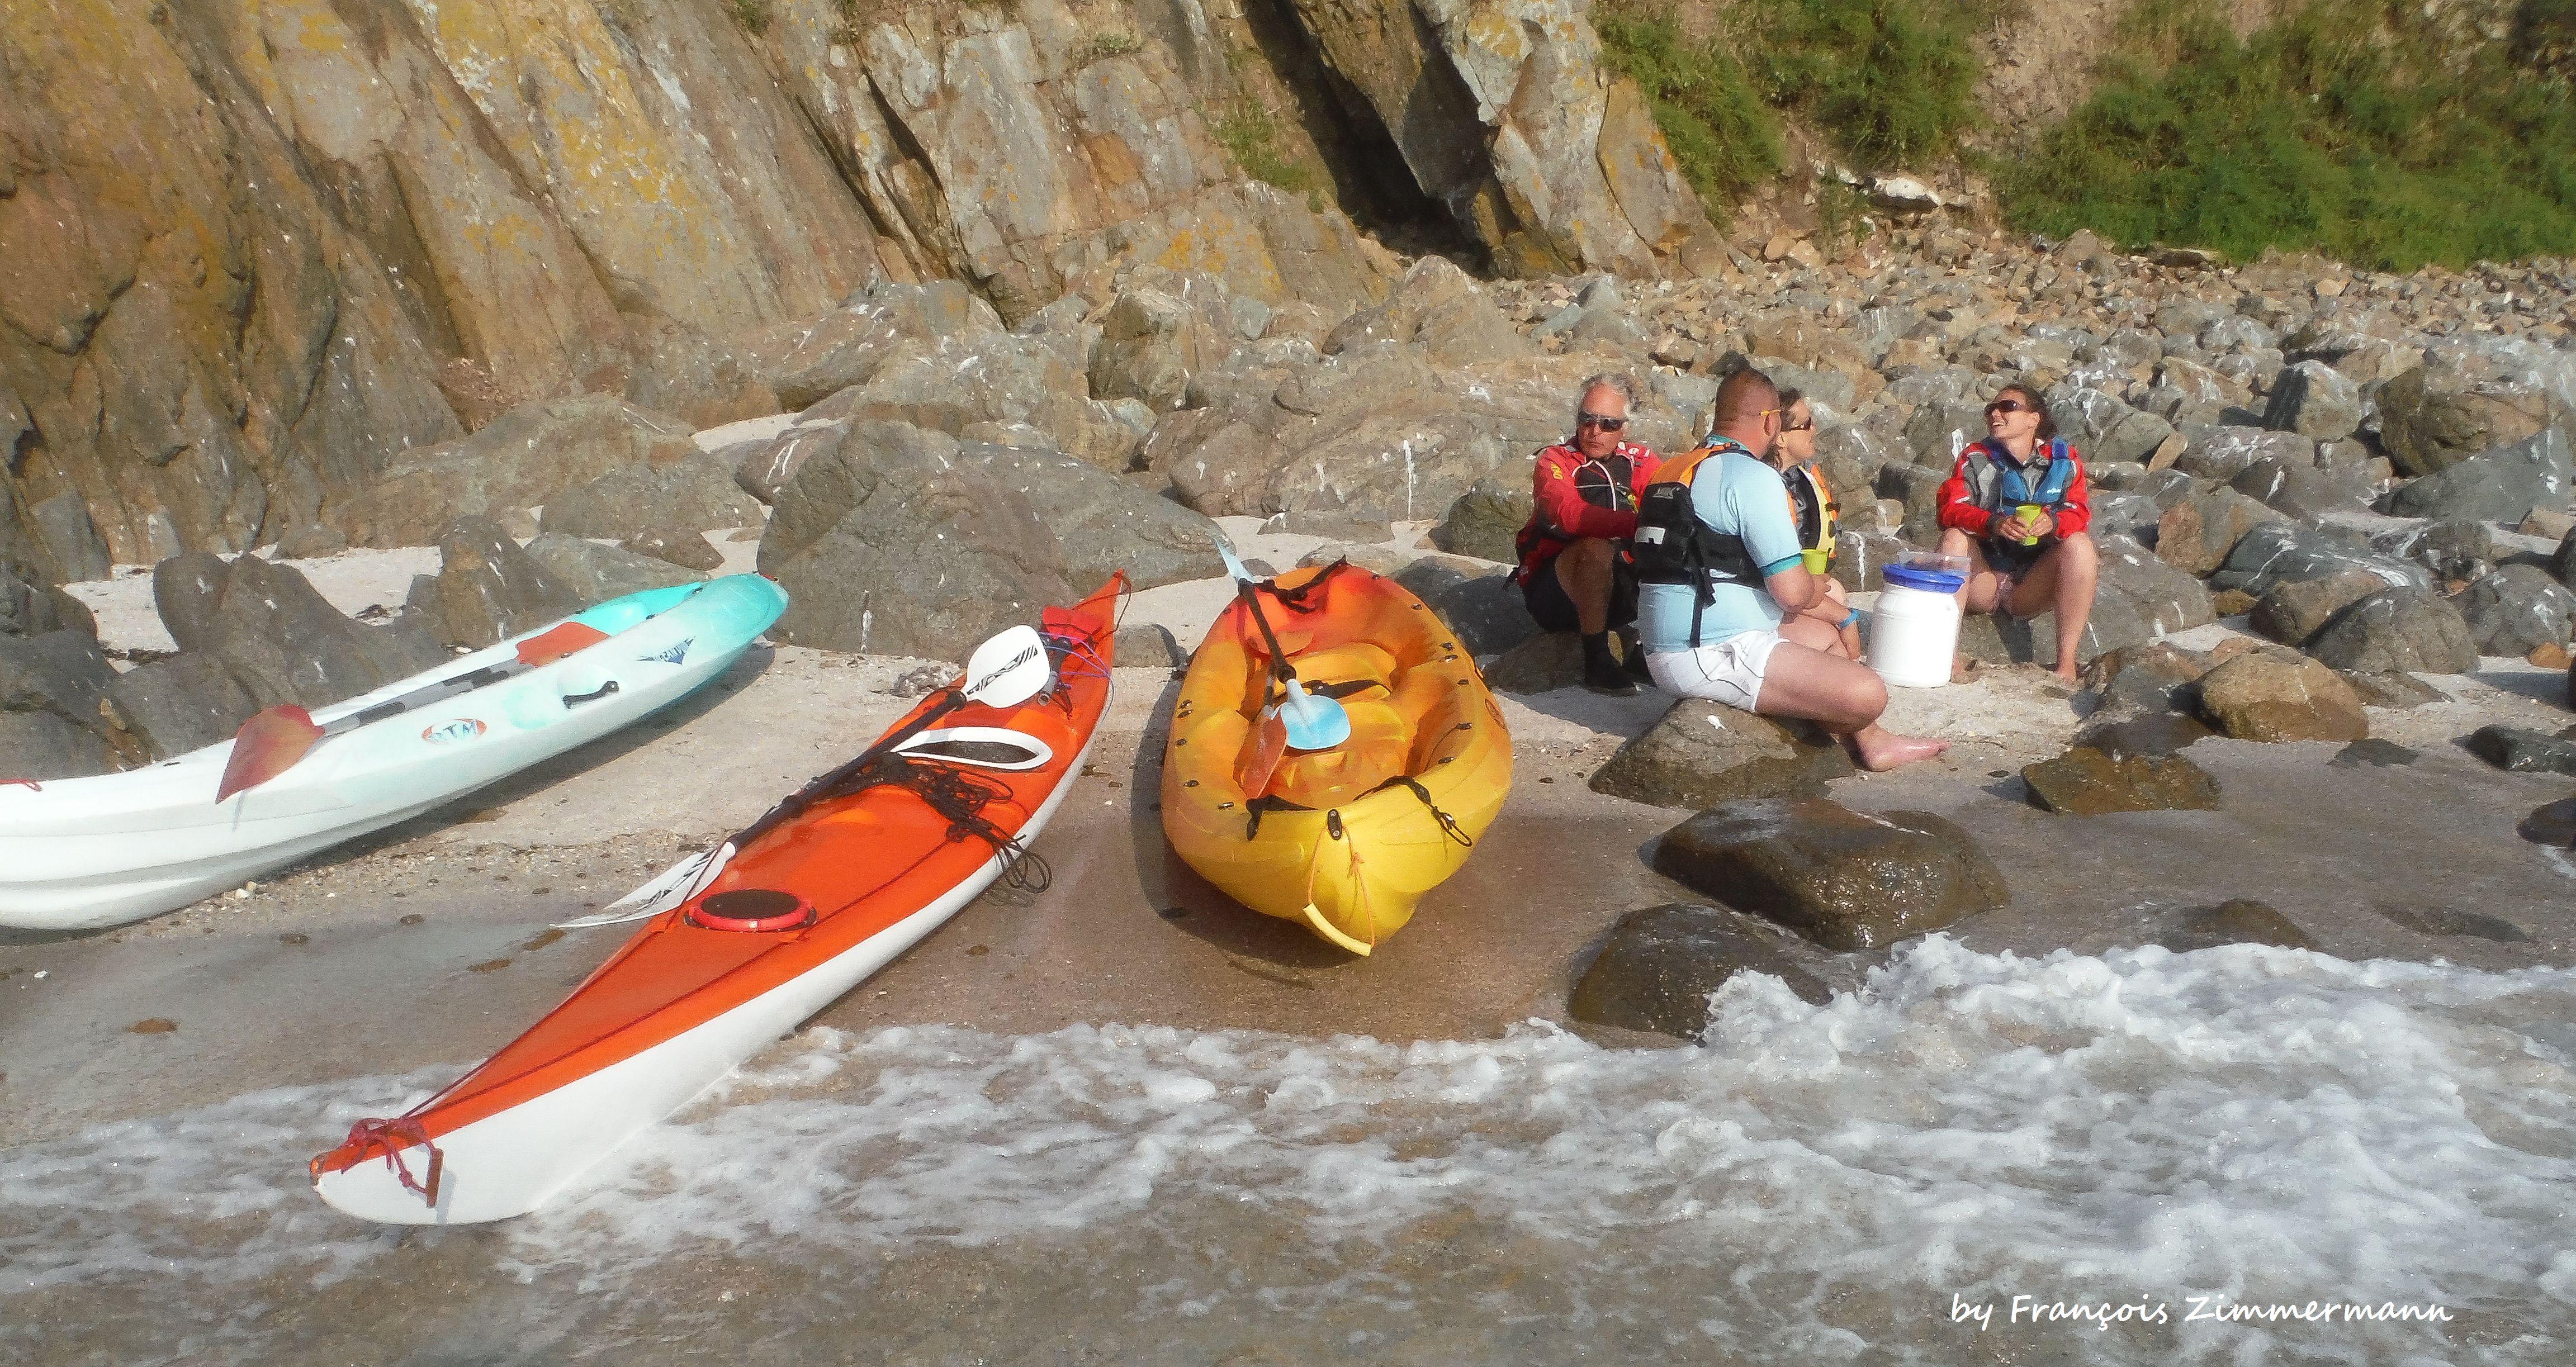 balade gourmande en kayak